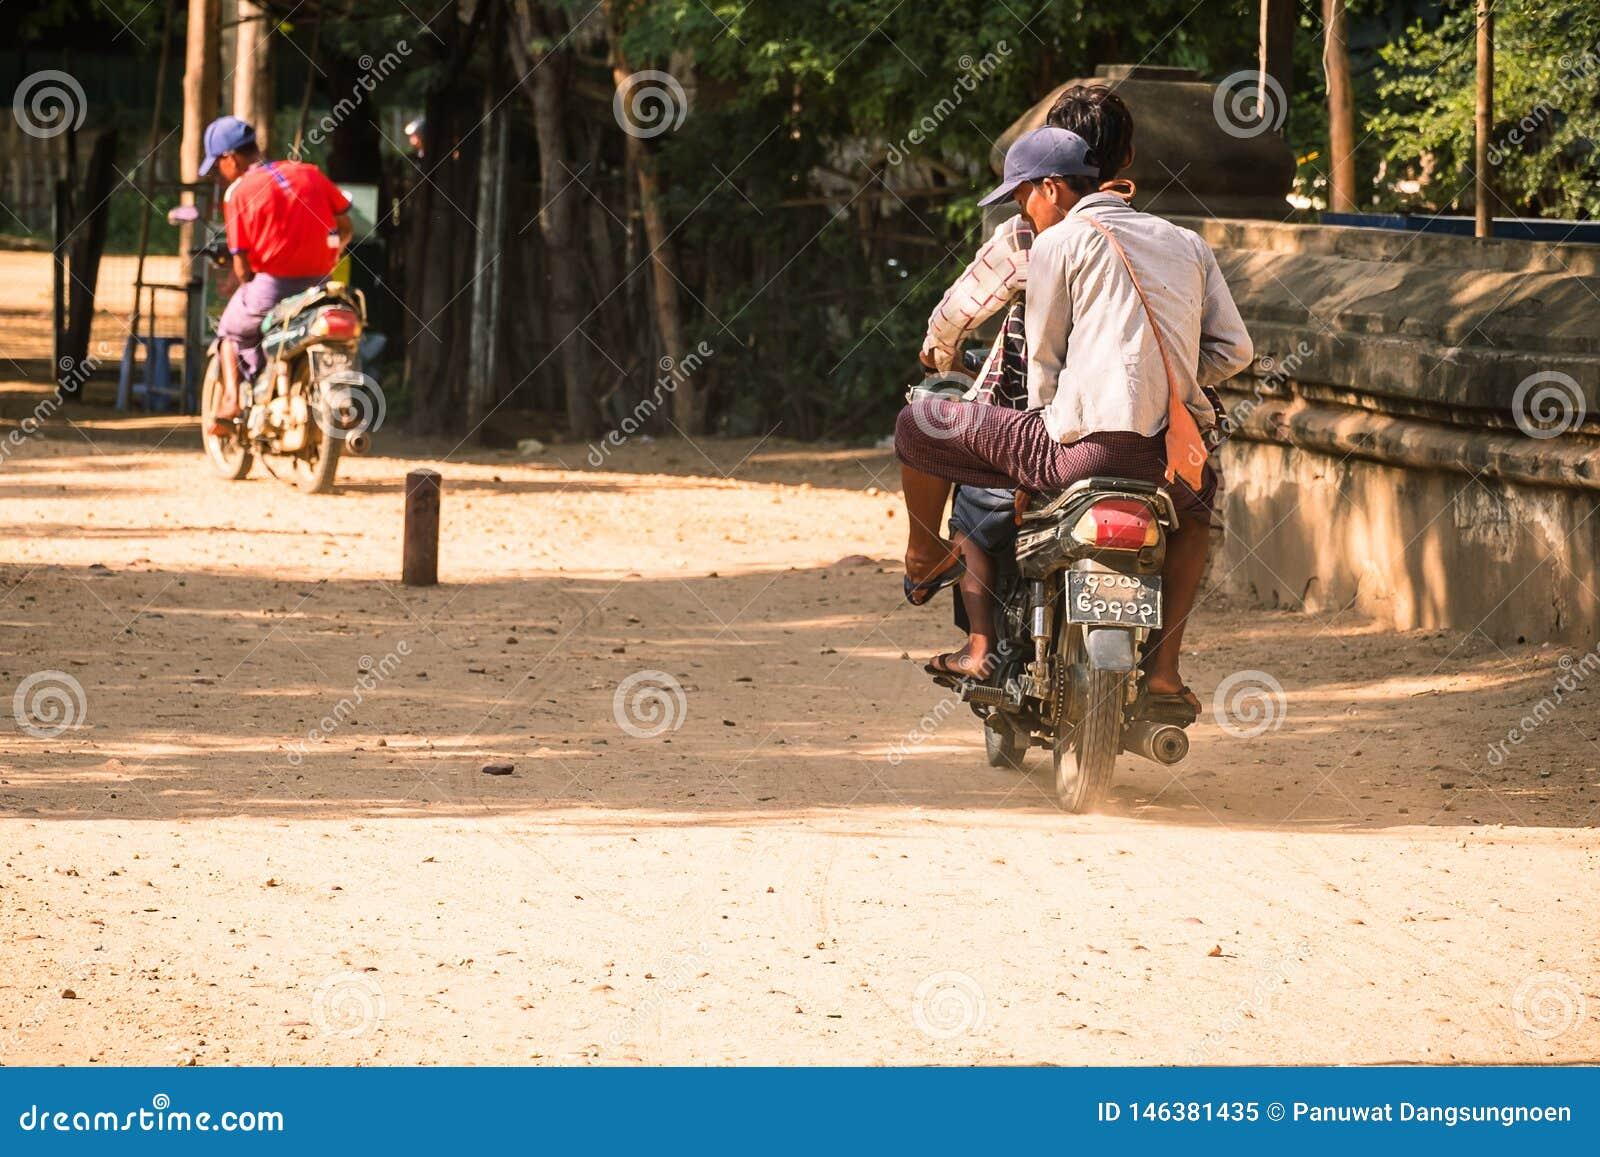 Motorcyklar för Myanmar folkritt i den arkeologiska zonen för forntida tempel r